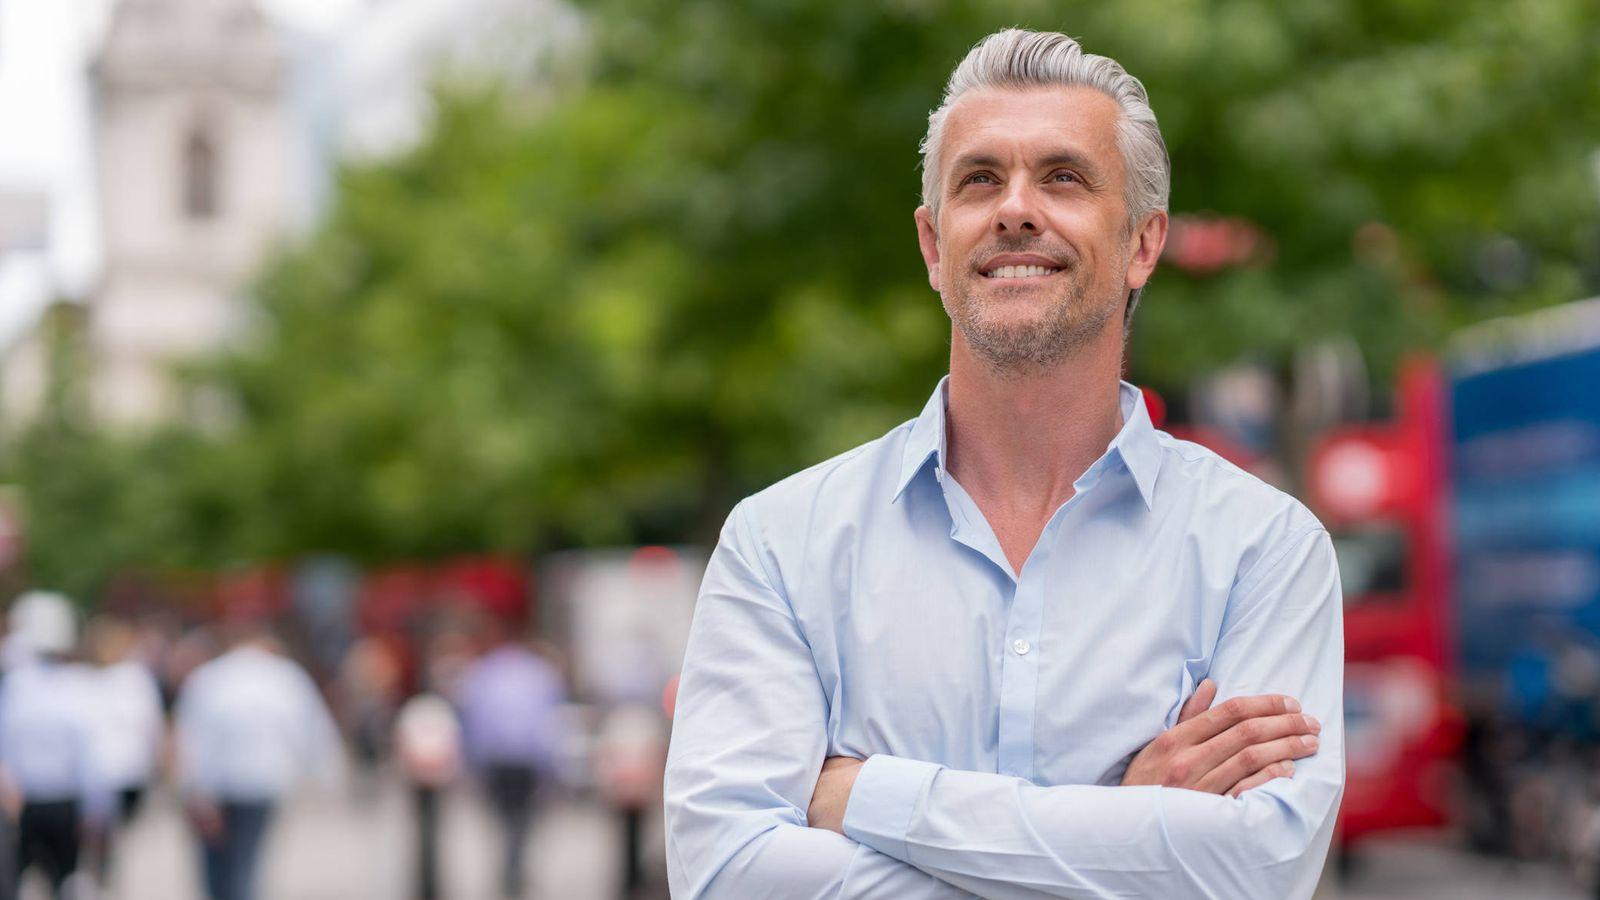 servicio de citas en línea para los hombres maduros mayores de 50 palma